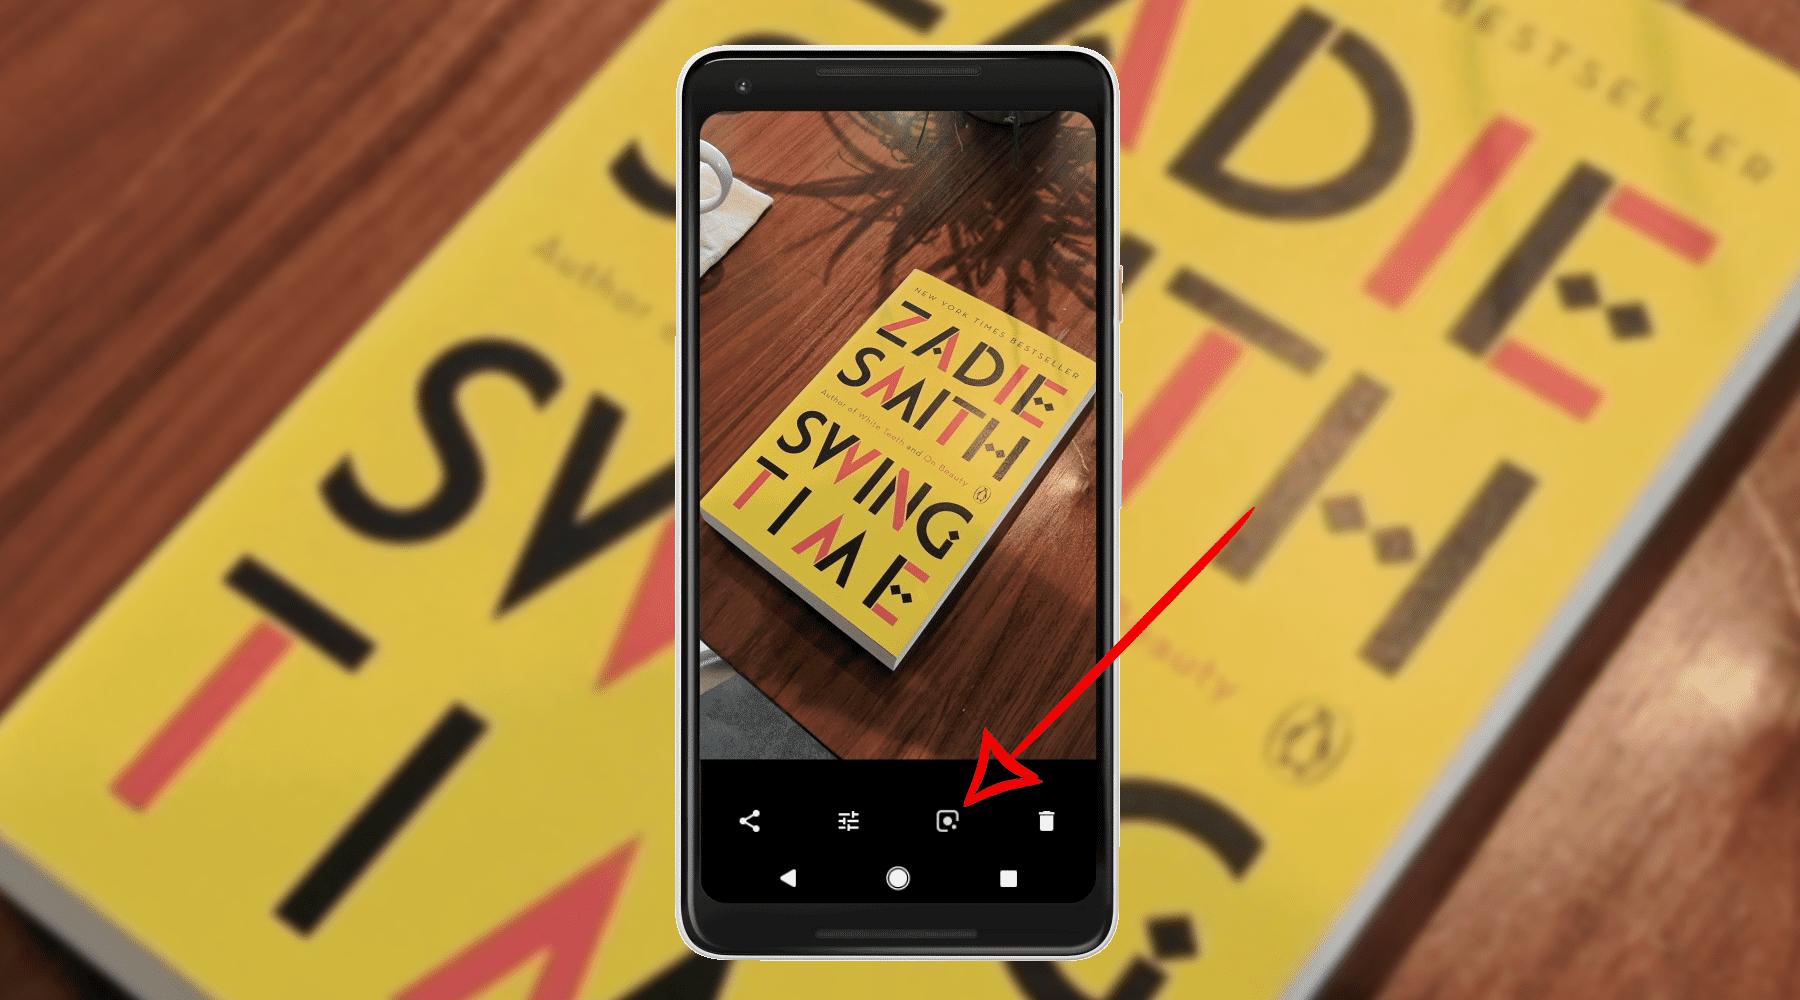 اپلیکیشن گوگل لنز چیست؟ پاسخ به 2 سوال مهم و تمام اطلاعاتی که باید بدانید